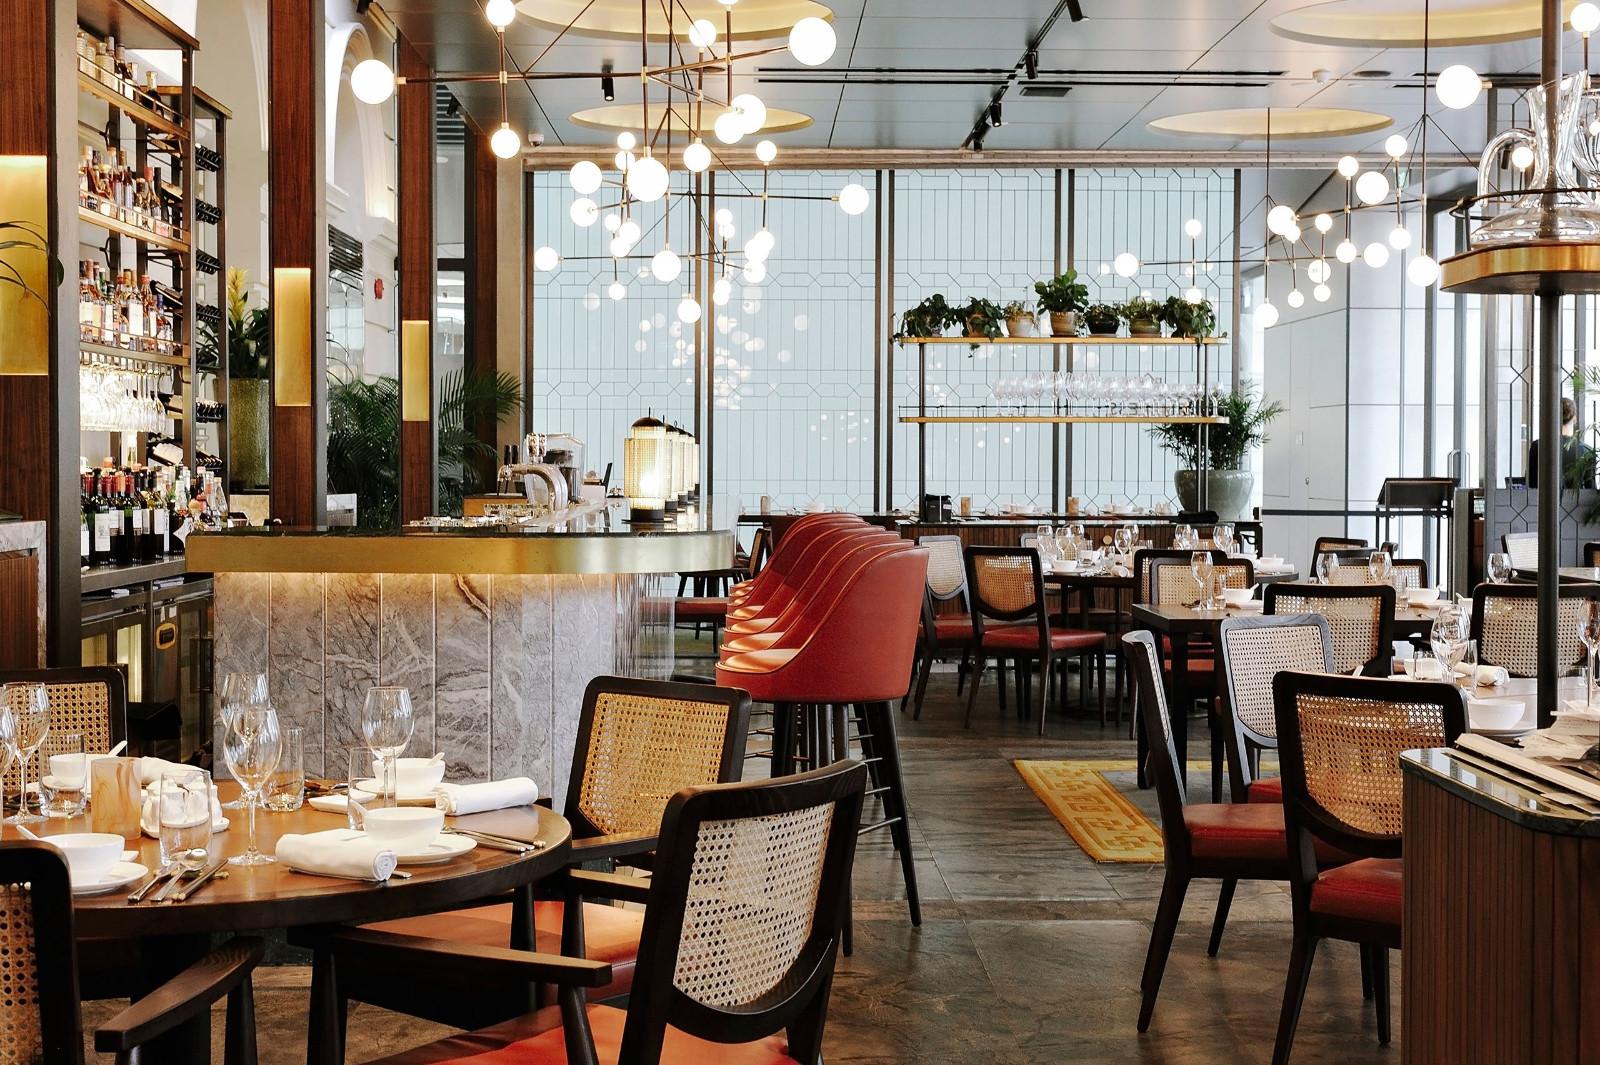 中式餐厅就餐区设计